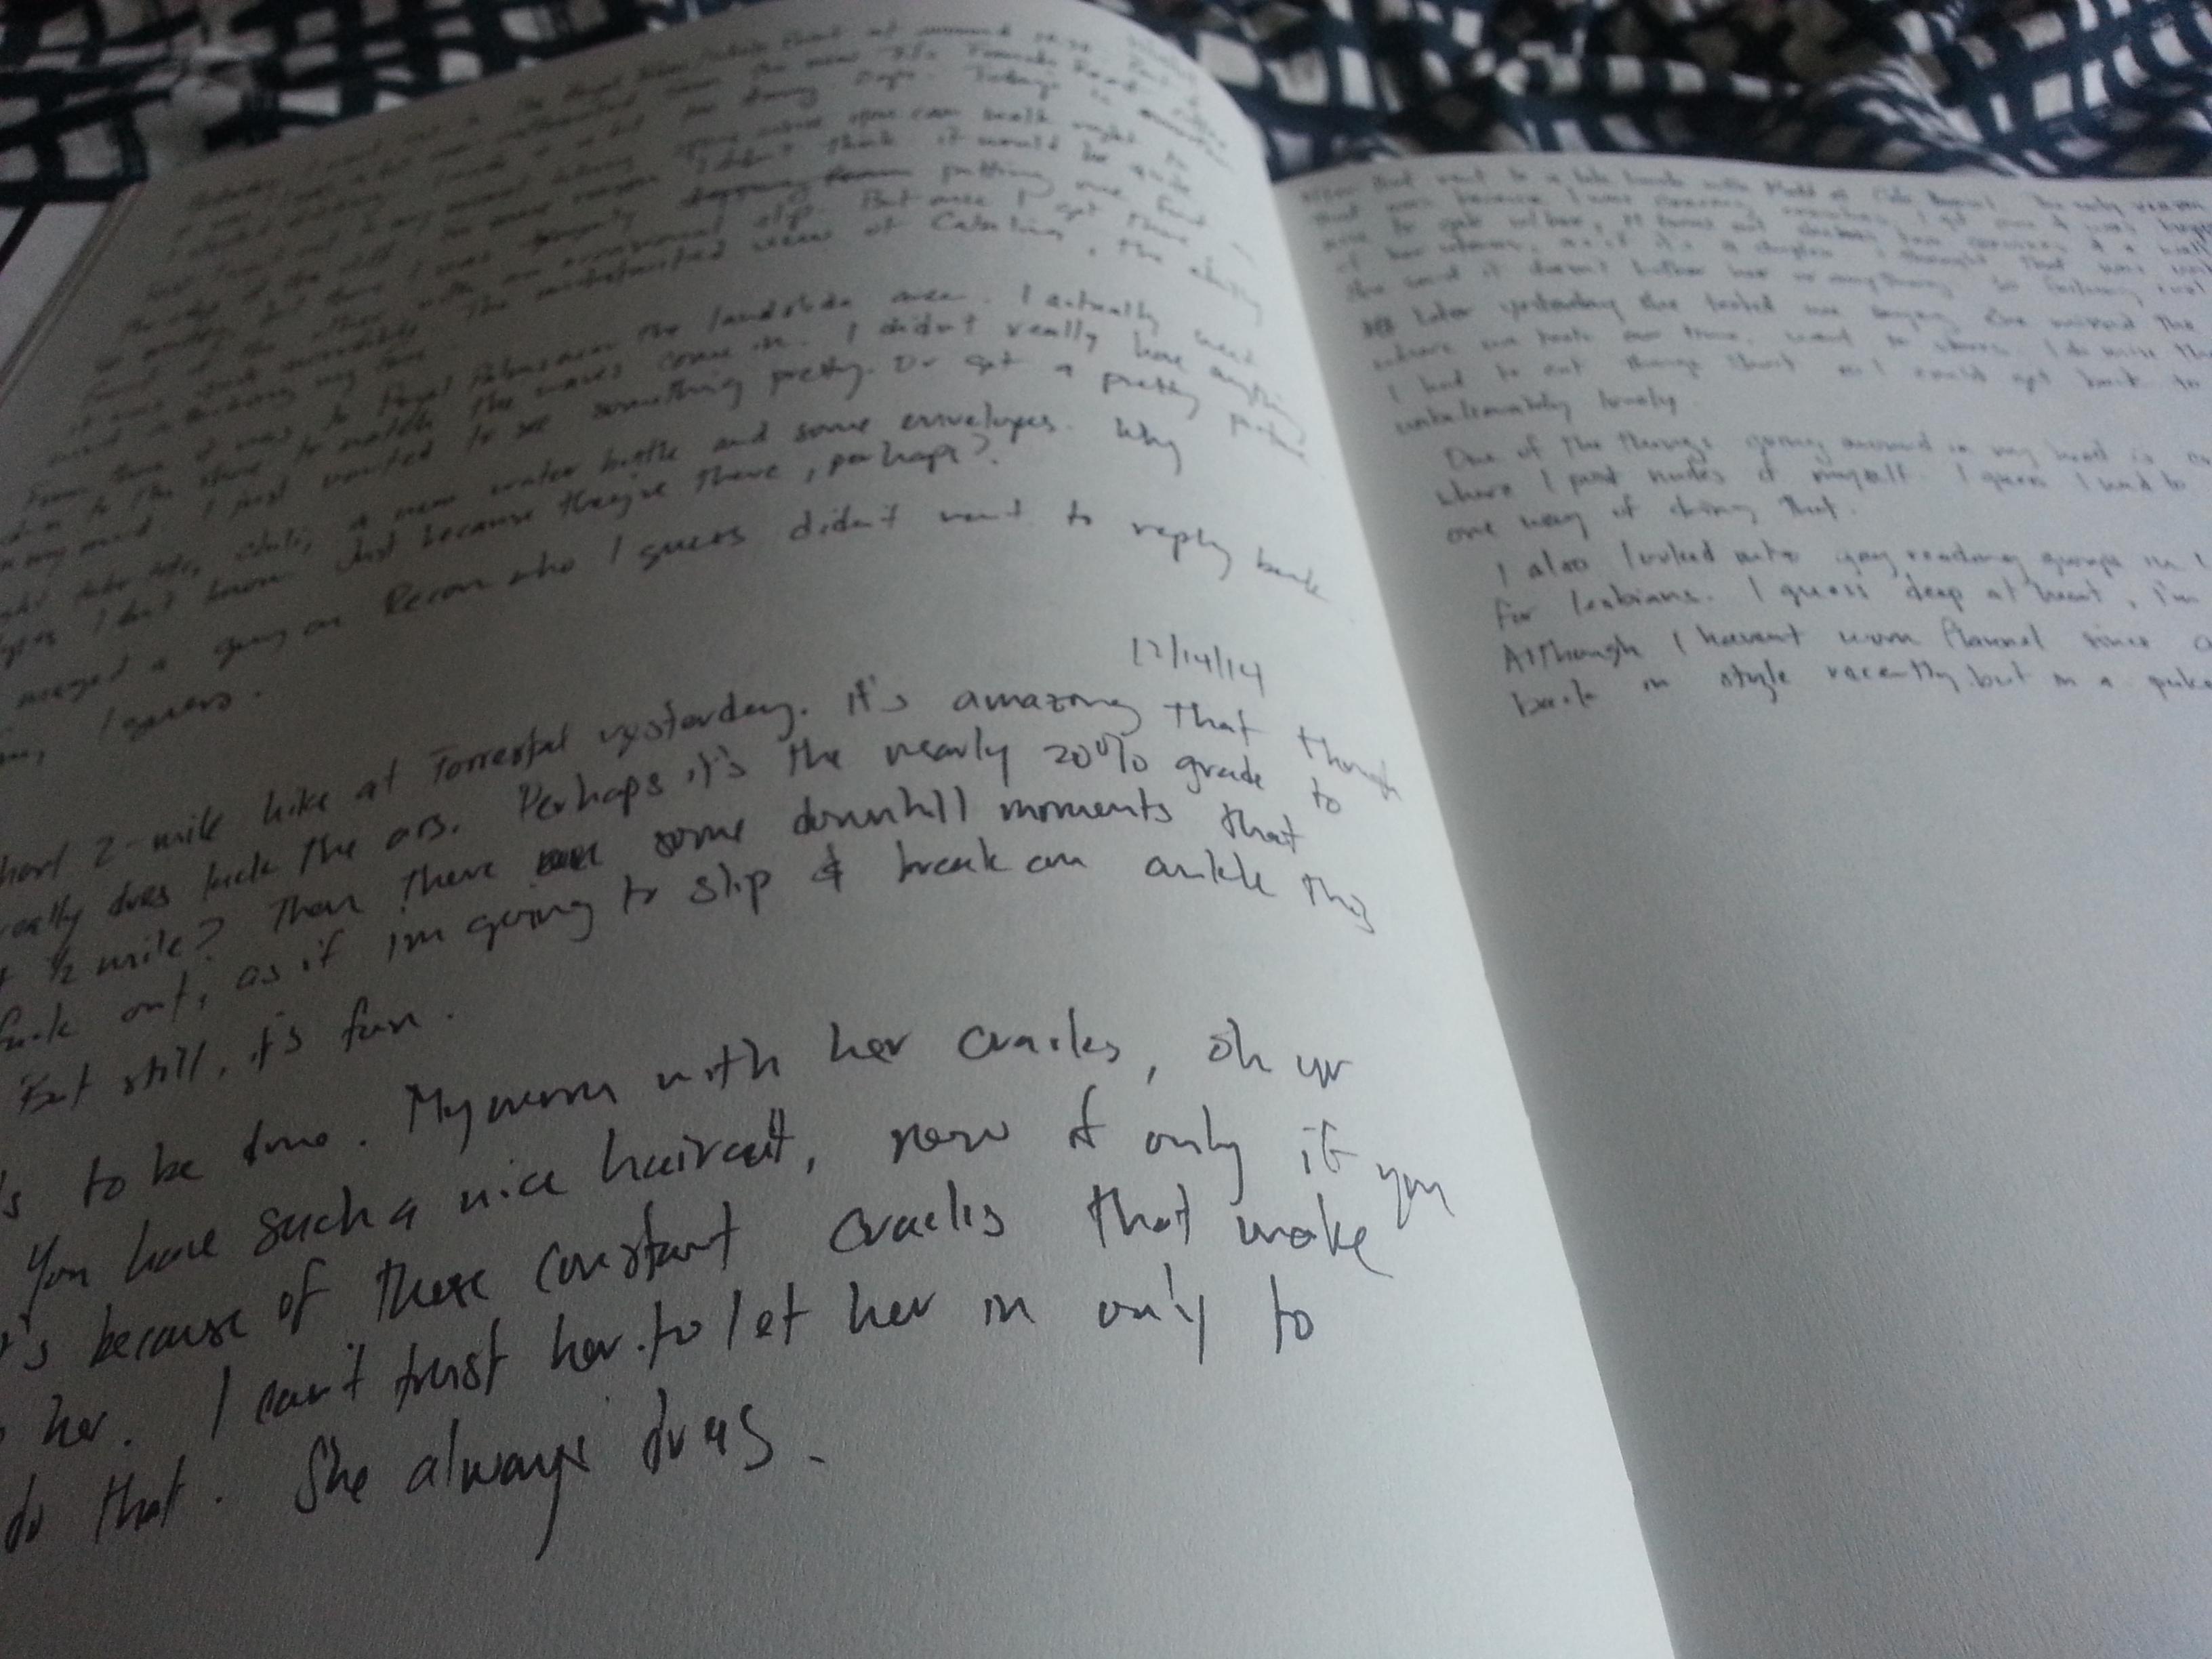 A Live Journal